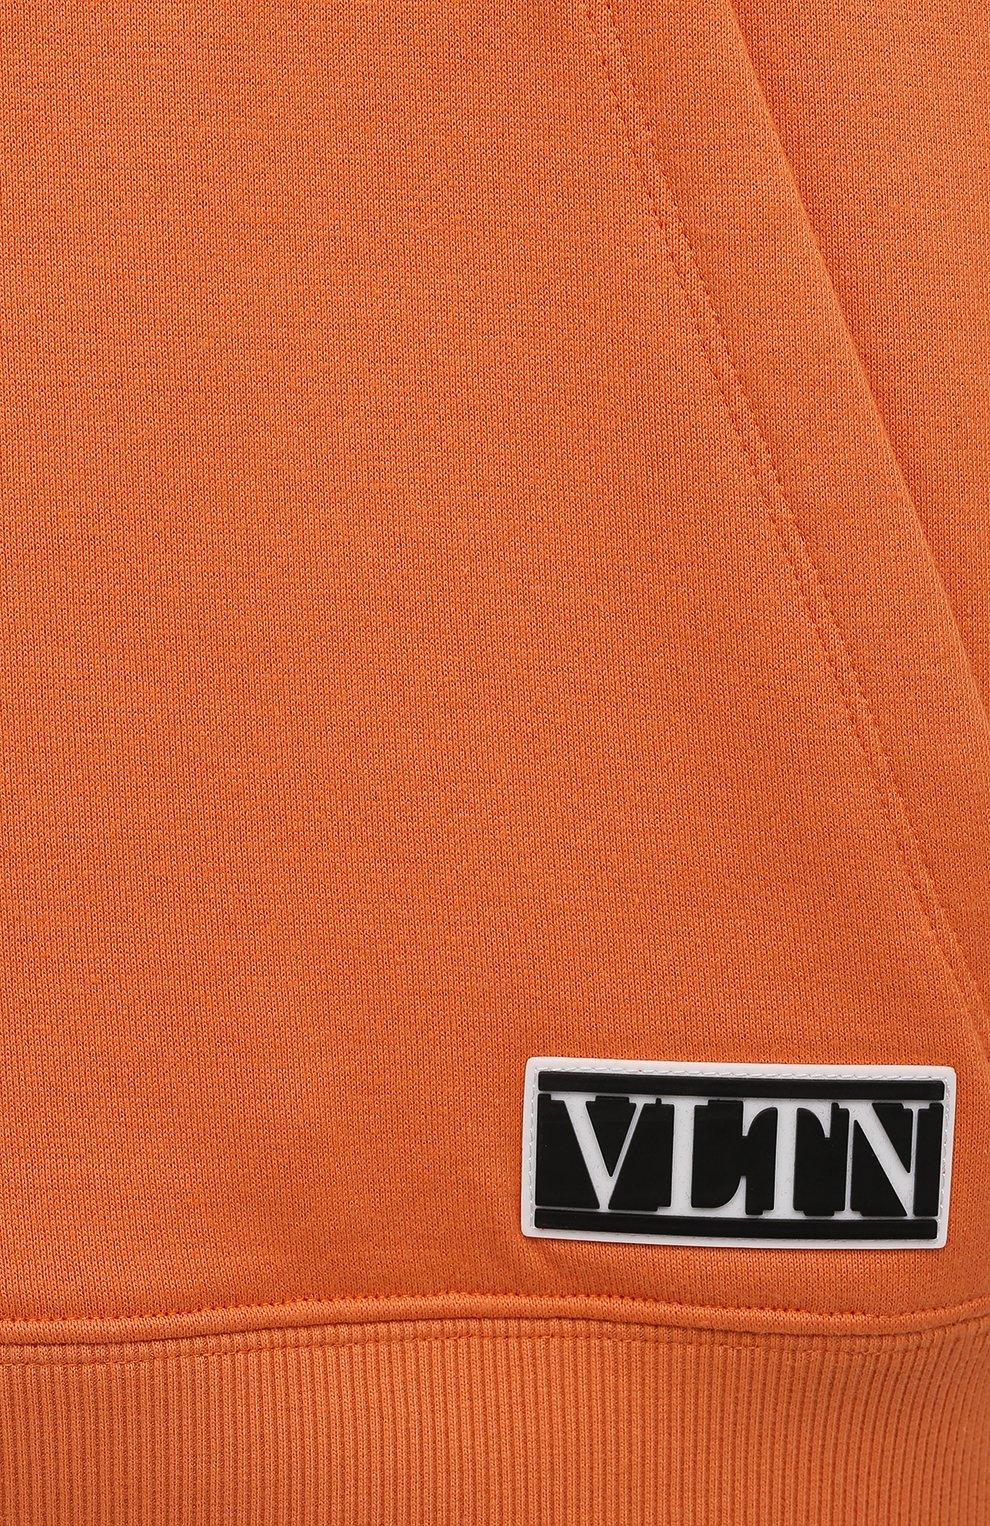 Мужской хлопковое худи VALENTINO оранжевого цвета, арт. VV0MF18F7EY | Фото 5 (Рукава: Длинные; Принт: Без принта; Длина (для топов): Стандартные; Мужское Кросс-КТ: Худи-одежда; Материал внешний: Хлопок; Стили: Кэжуэл)